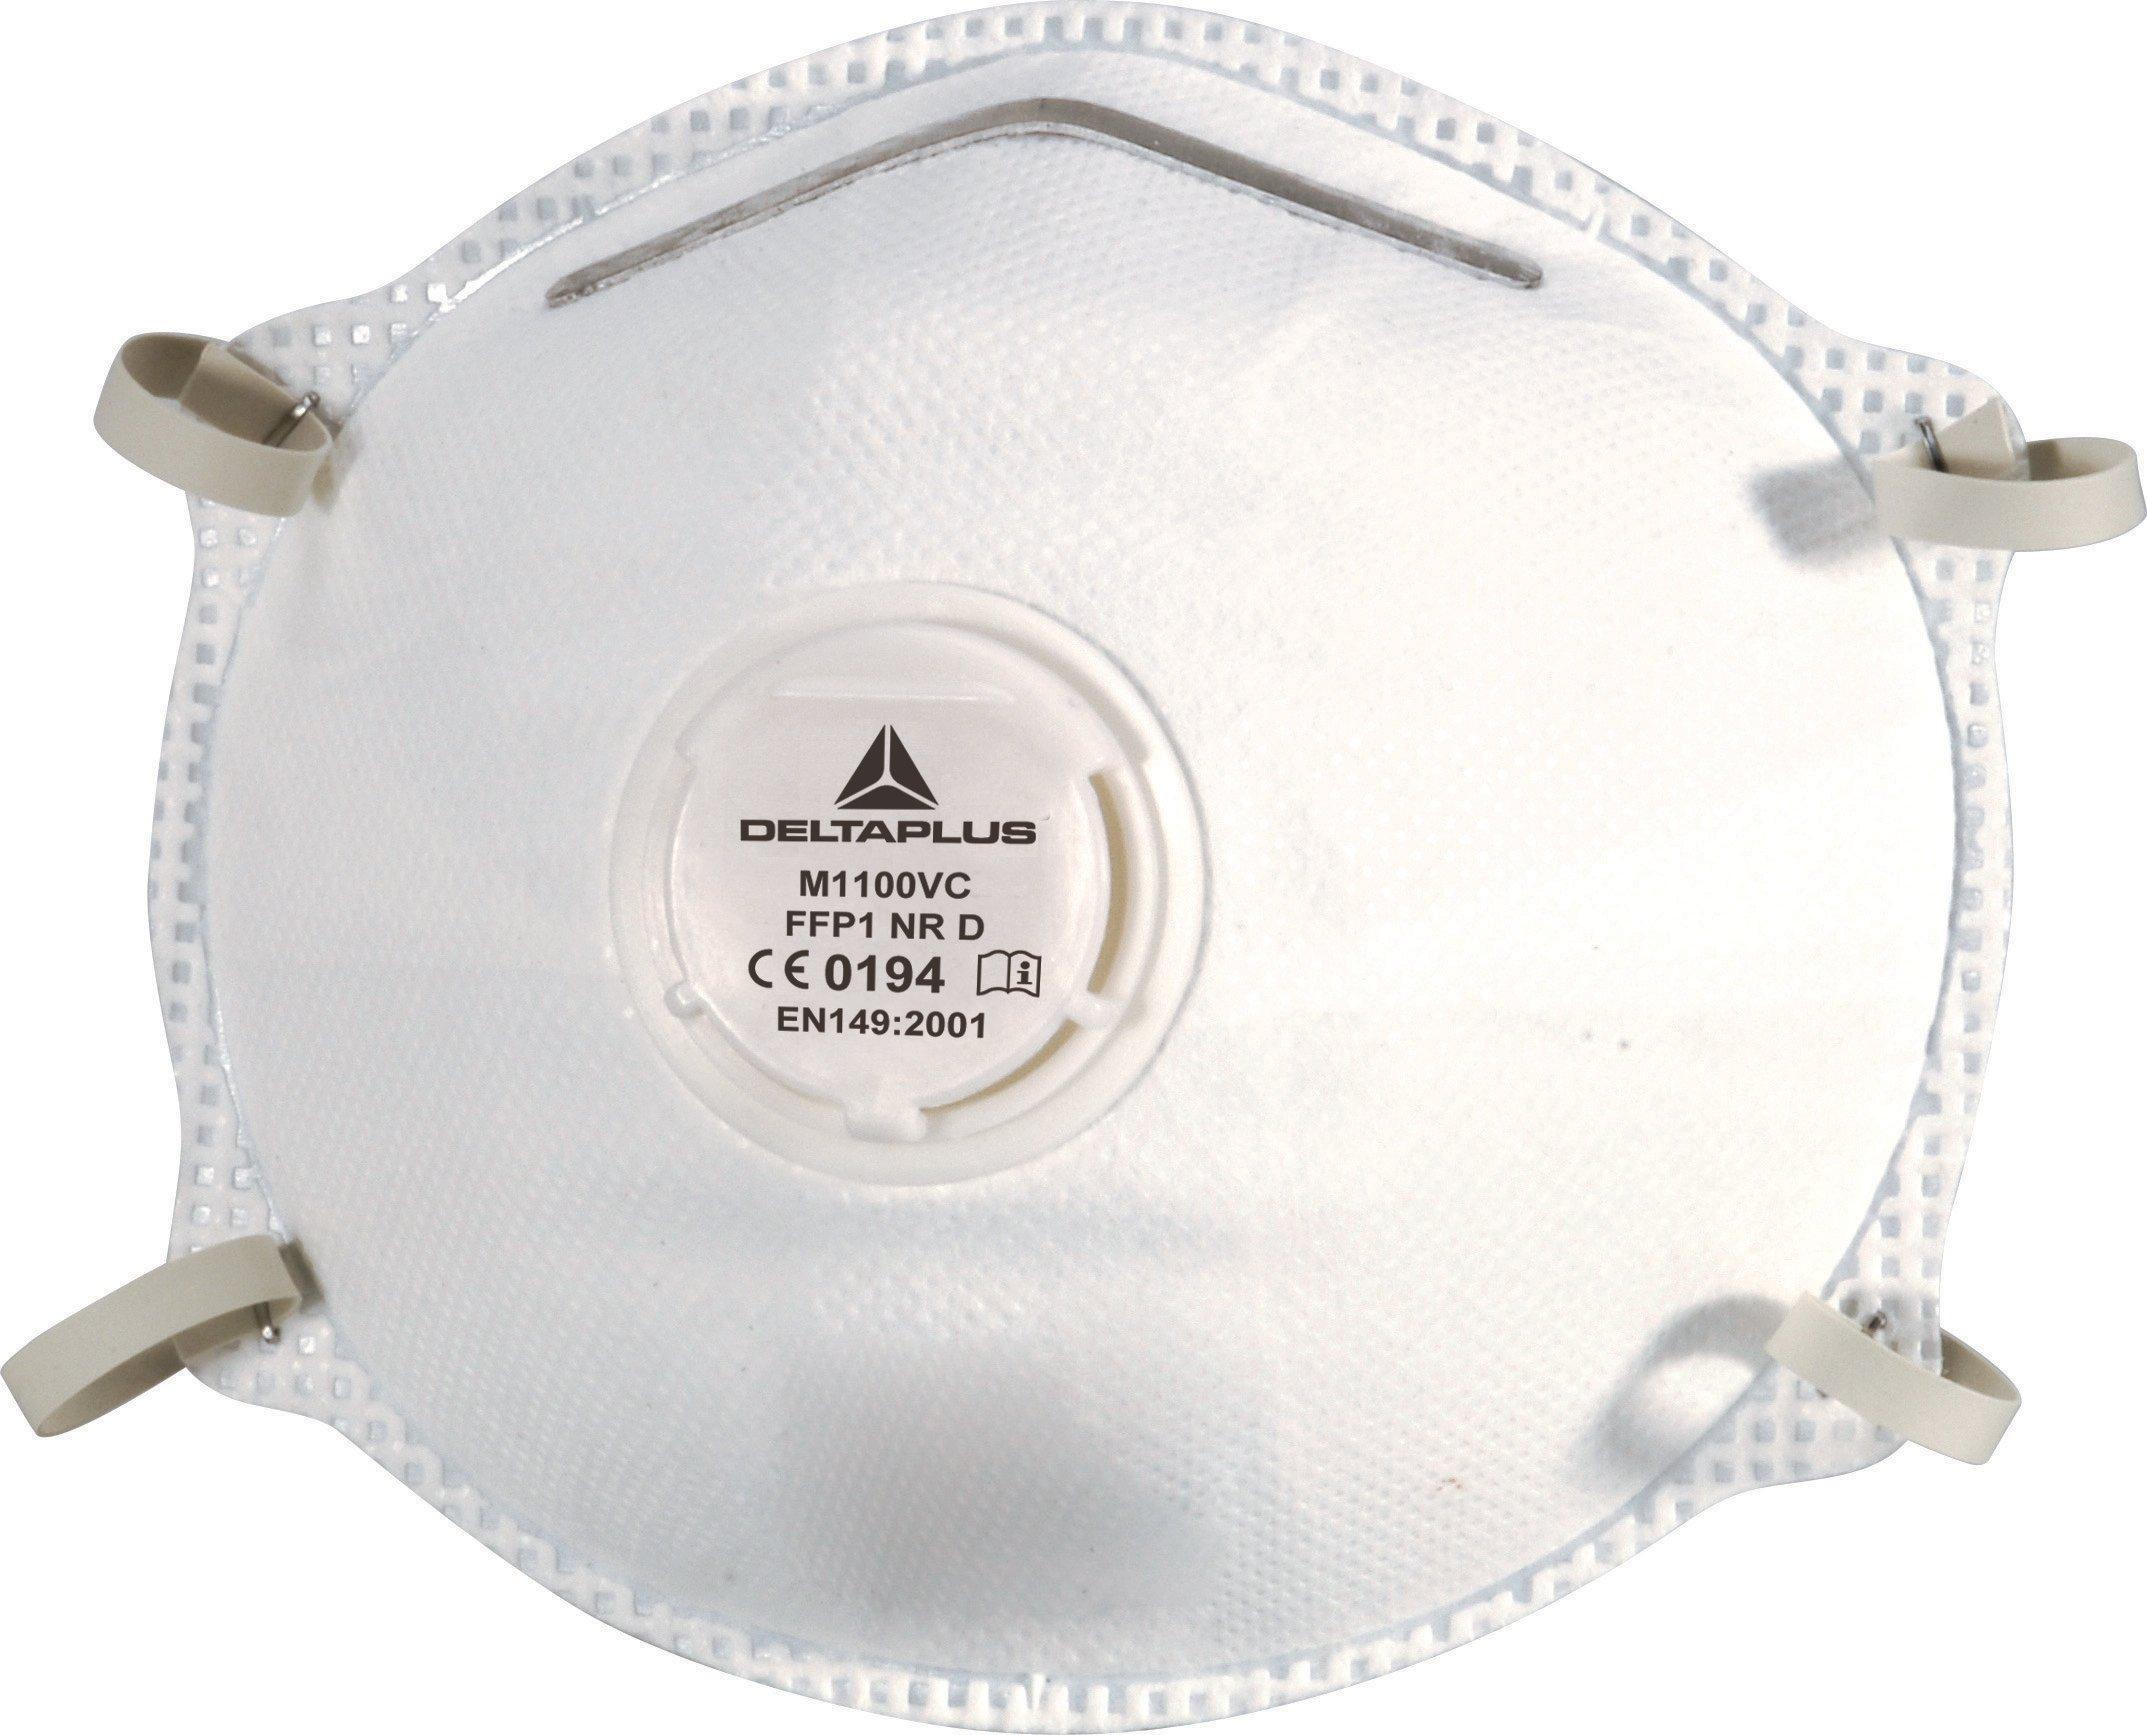 Venitex-M1100Vc-Mascherine-Antipolvere-Monouso-Di-Tipo-Ffp1-Con-Facciale-Filtrante-E-Valvola-Confezione-Da-10-Pezzi